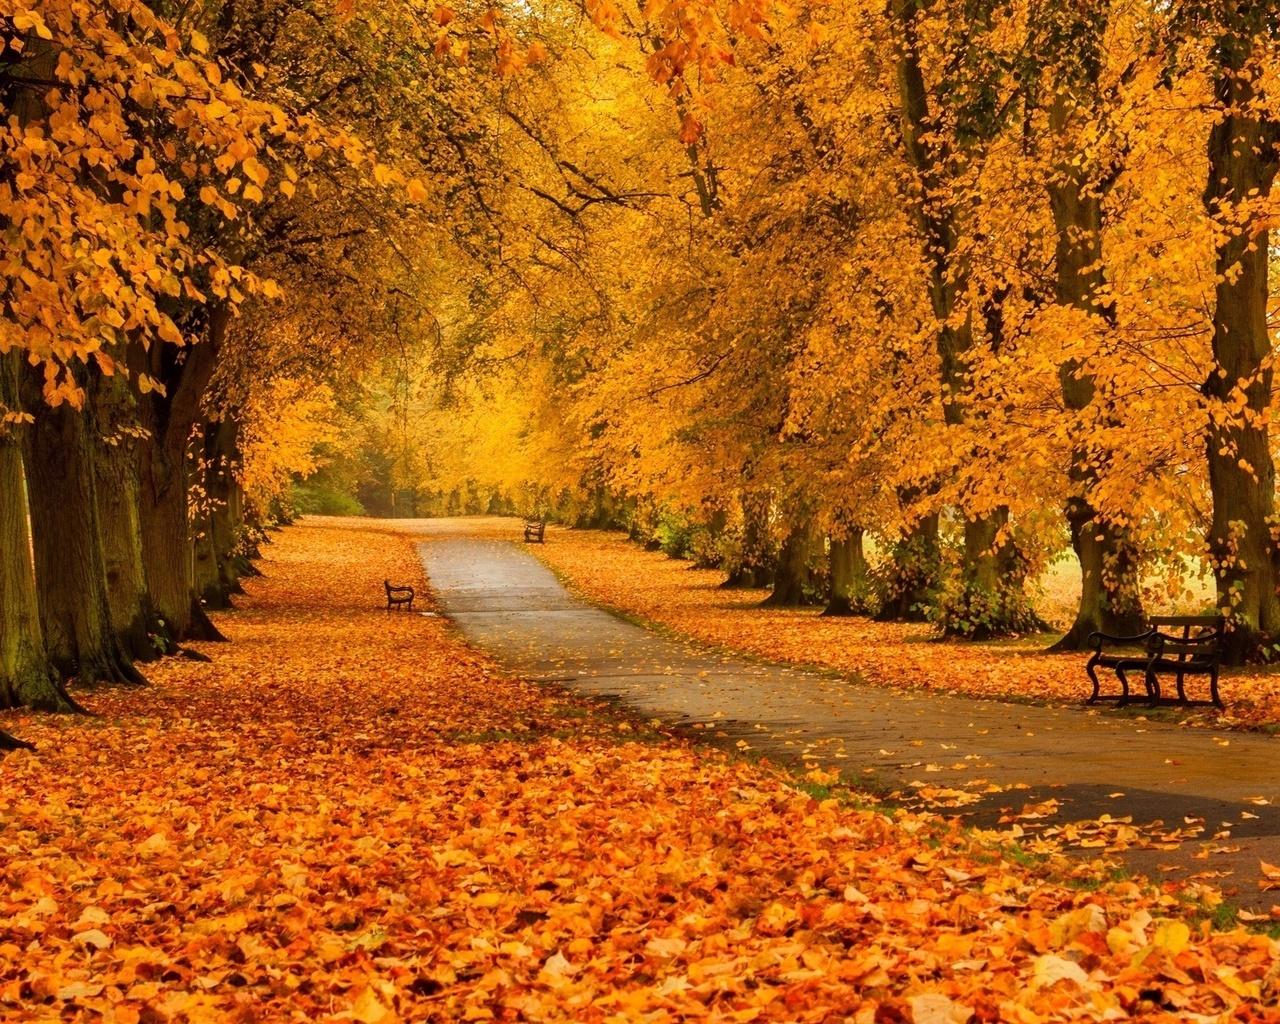 очень красивые картинки про осень москве очень много